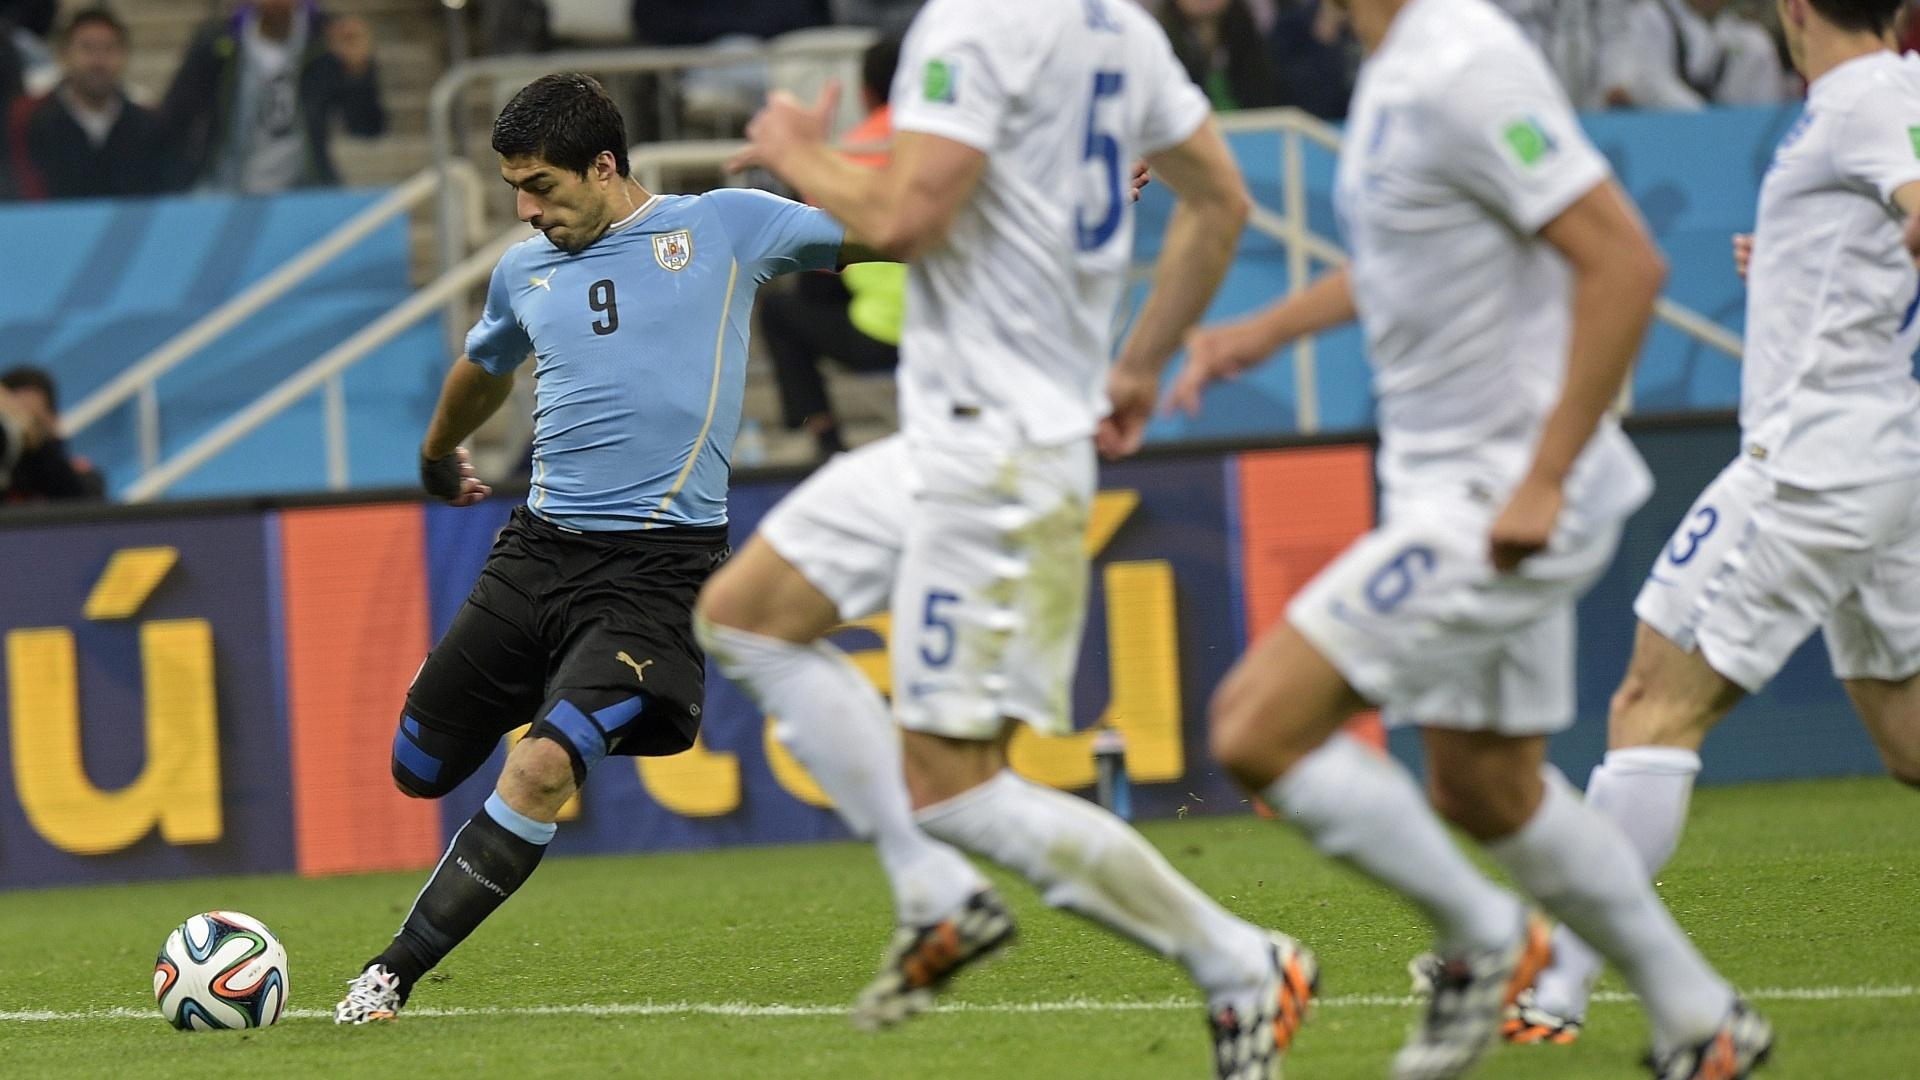 19.jun.2014 - Suárez se prepara antes de finalizar no lance que originou o gol da vitória uruguaia